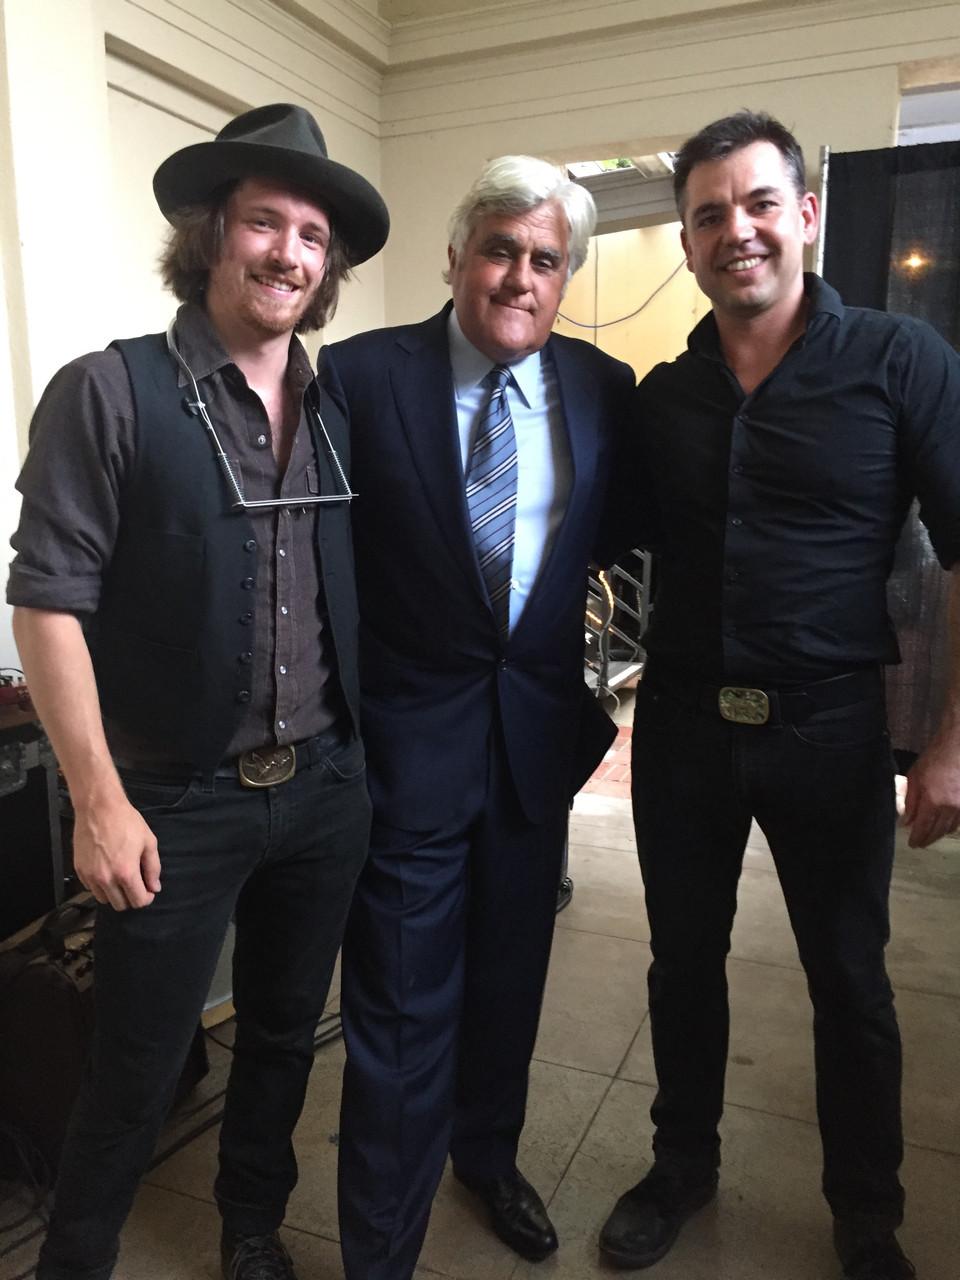 Met the legendary Jay Leno!